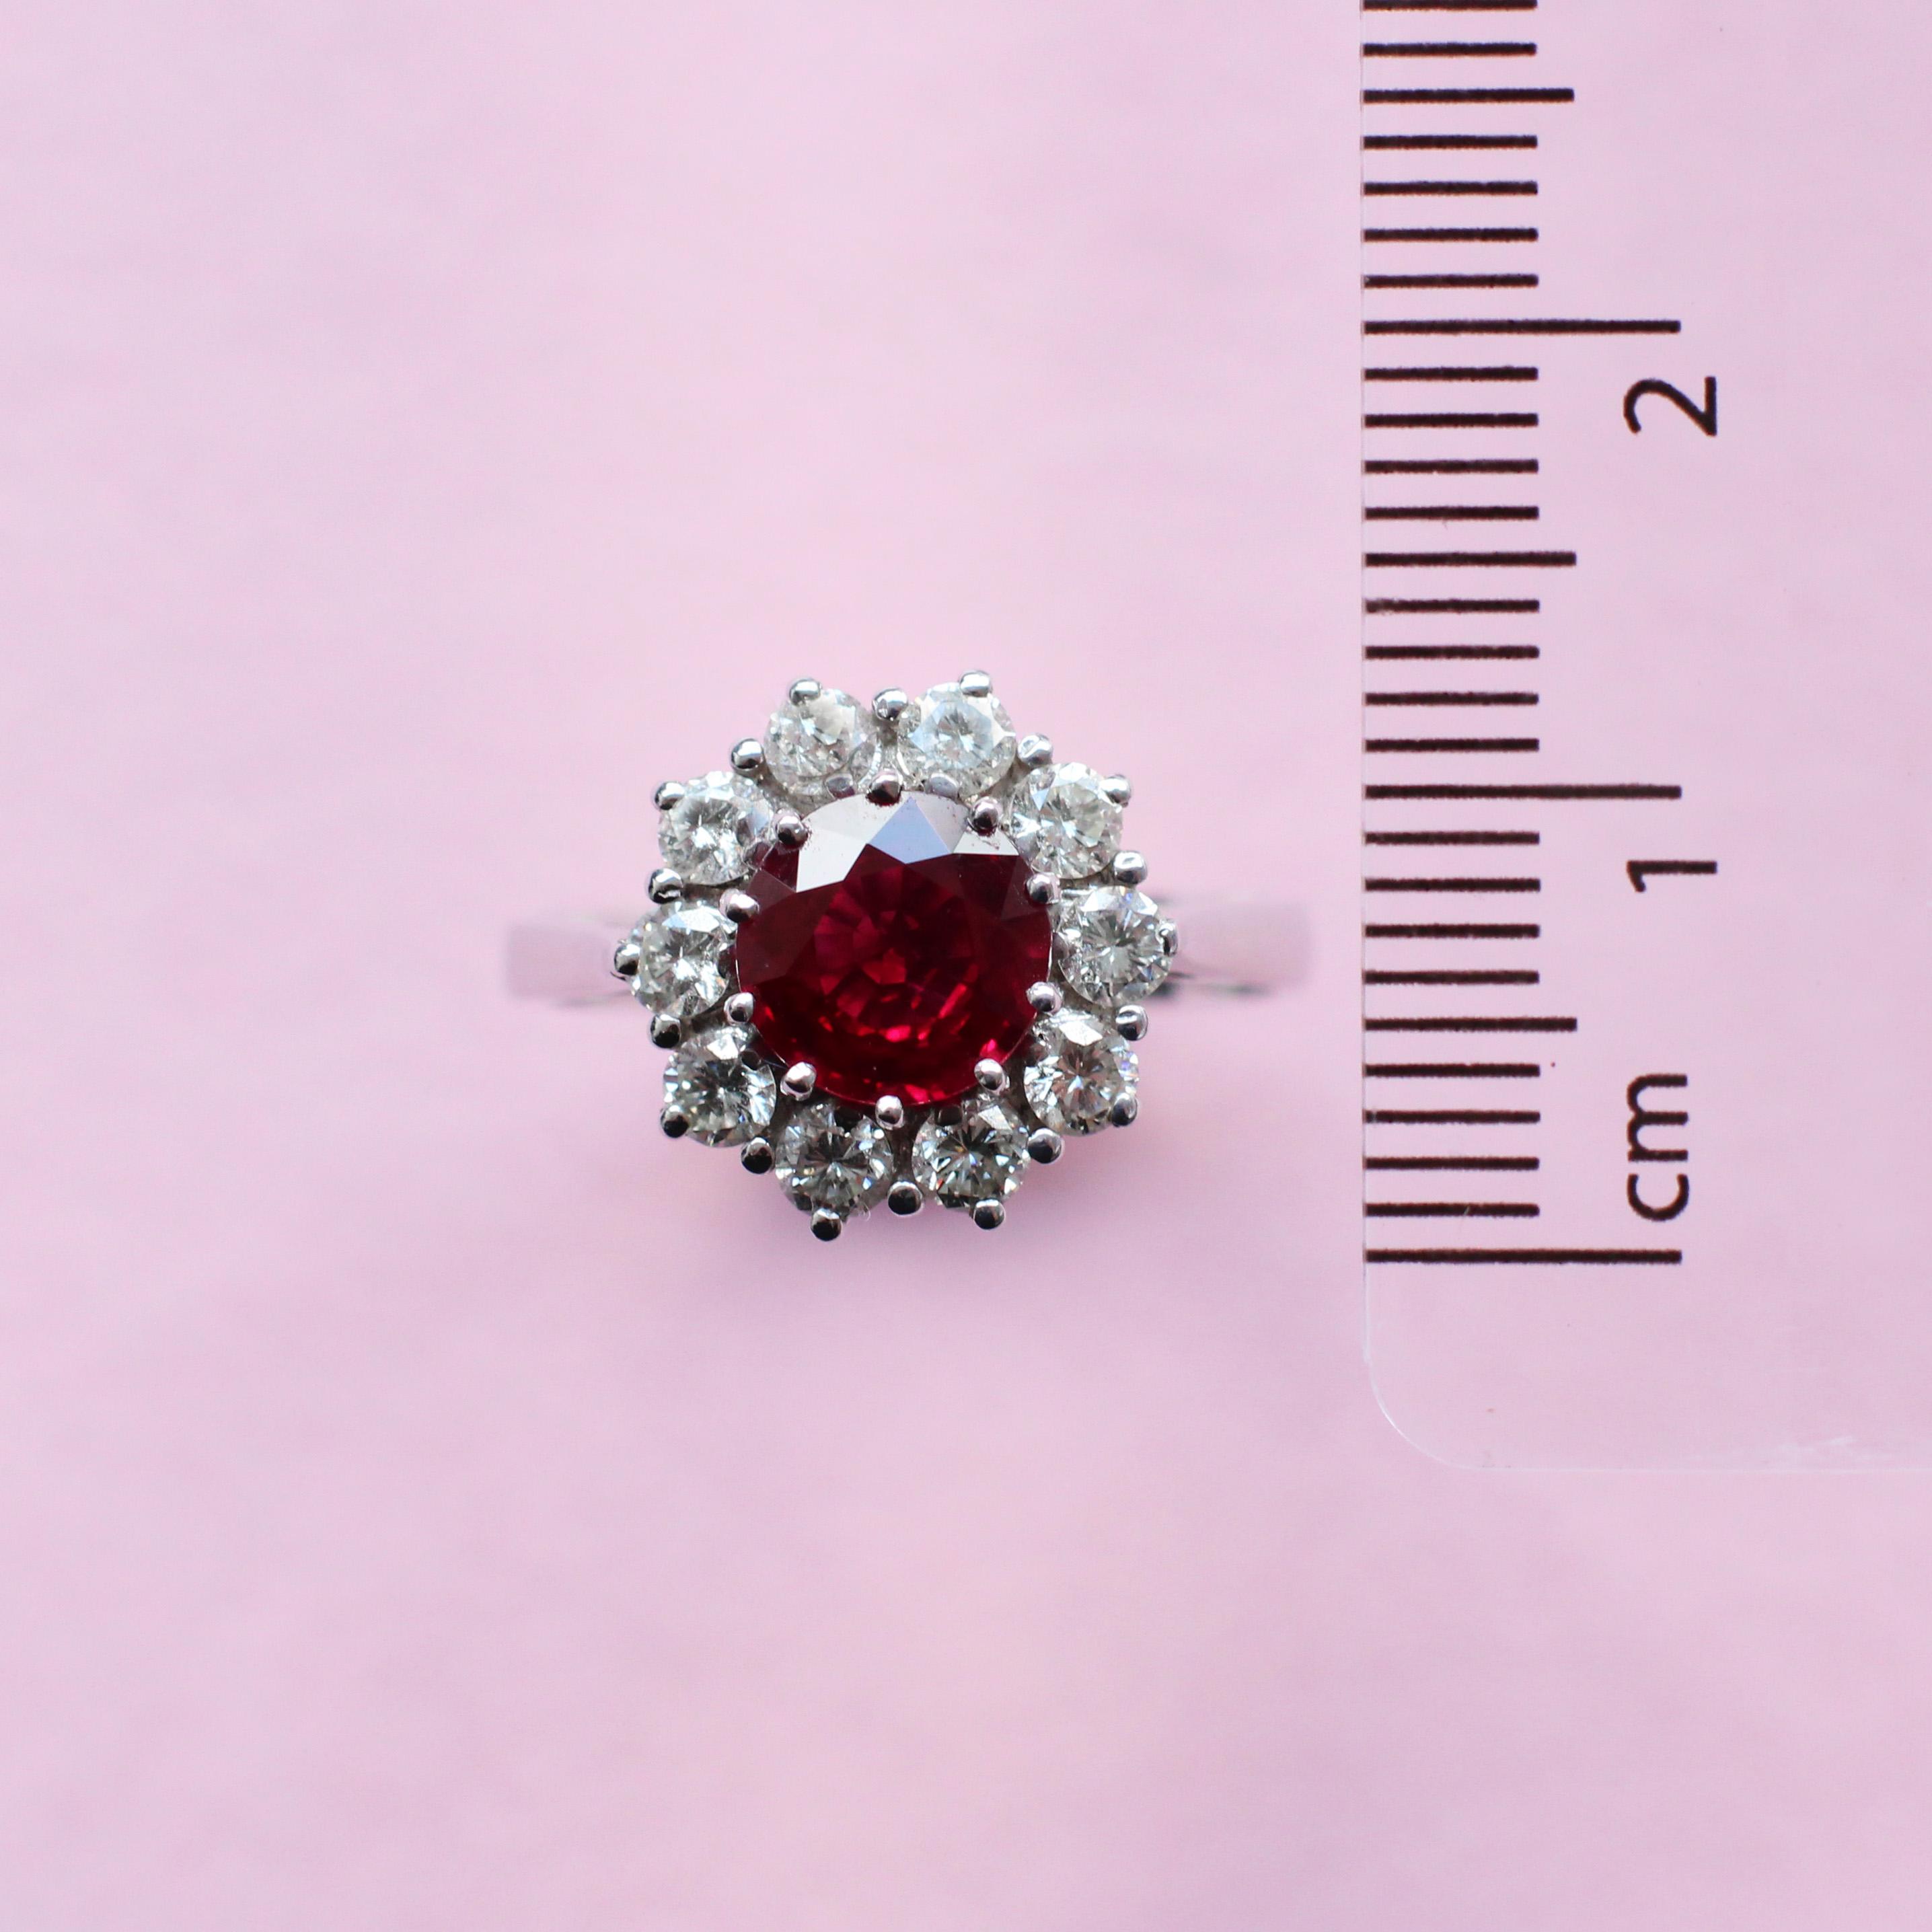 round ruby, white diamond surround and white gold ring